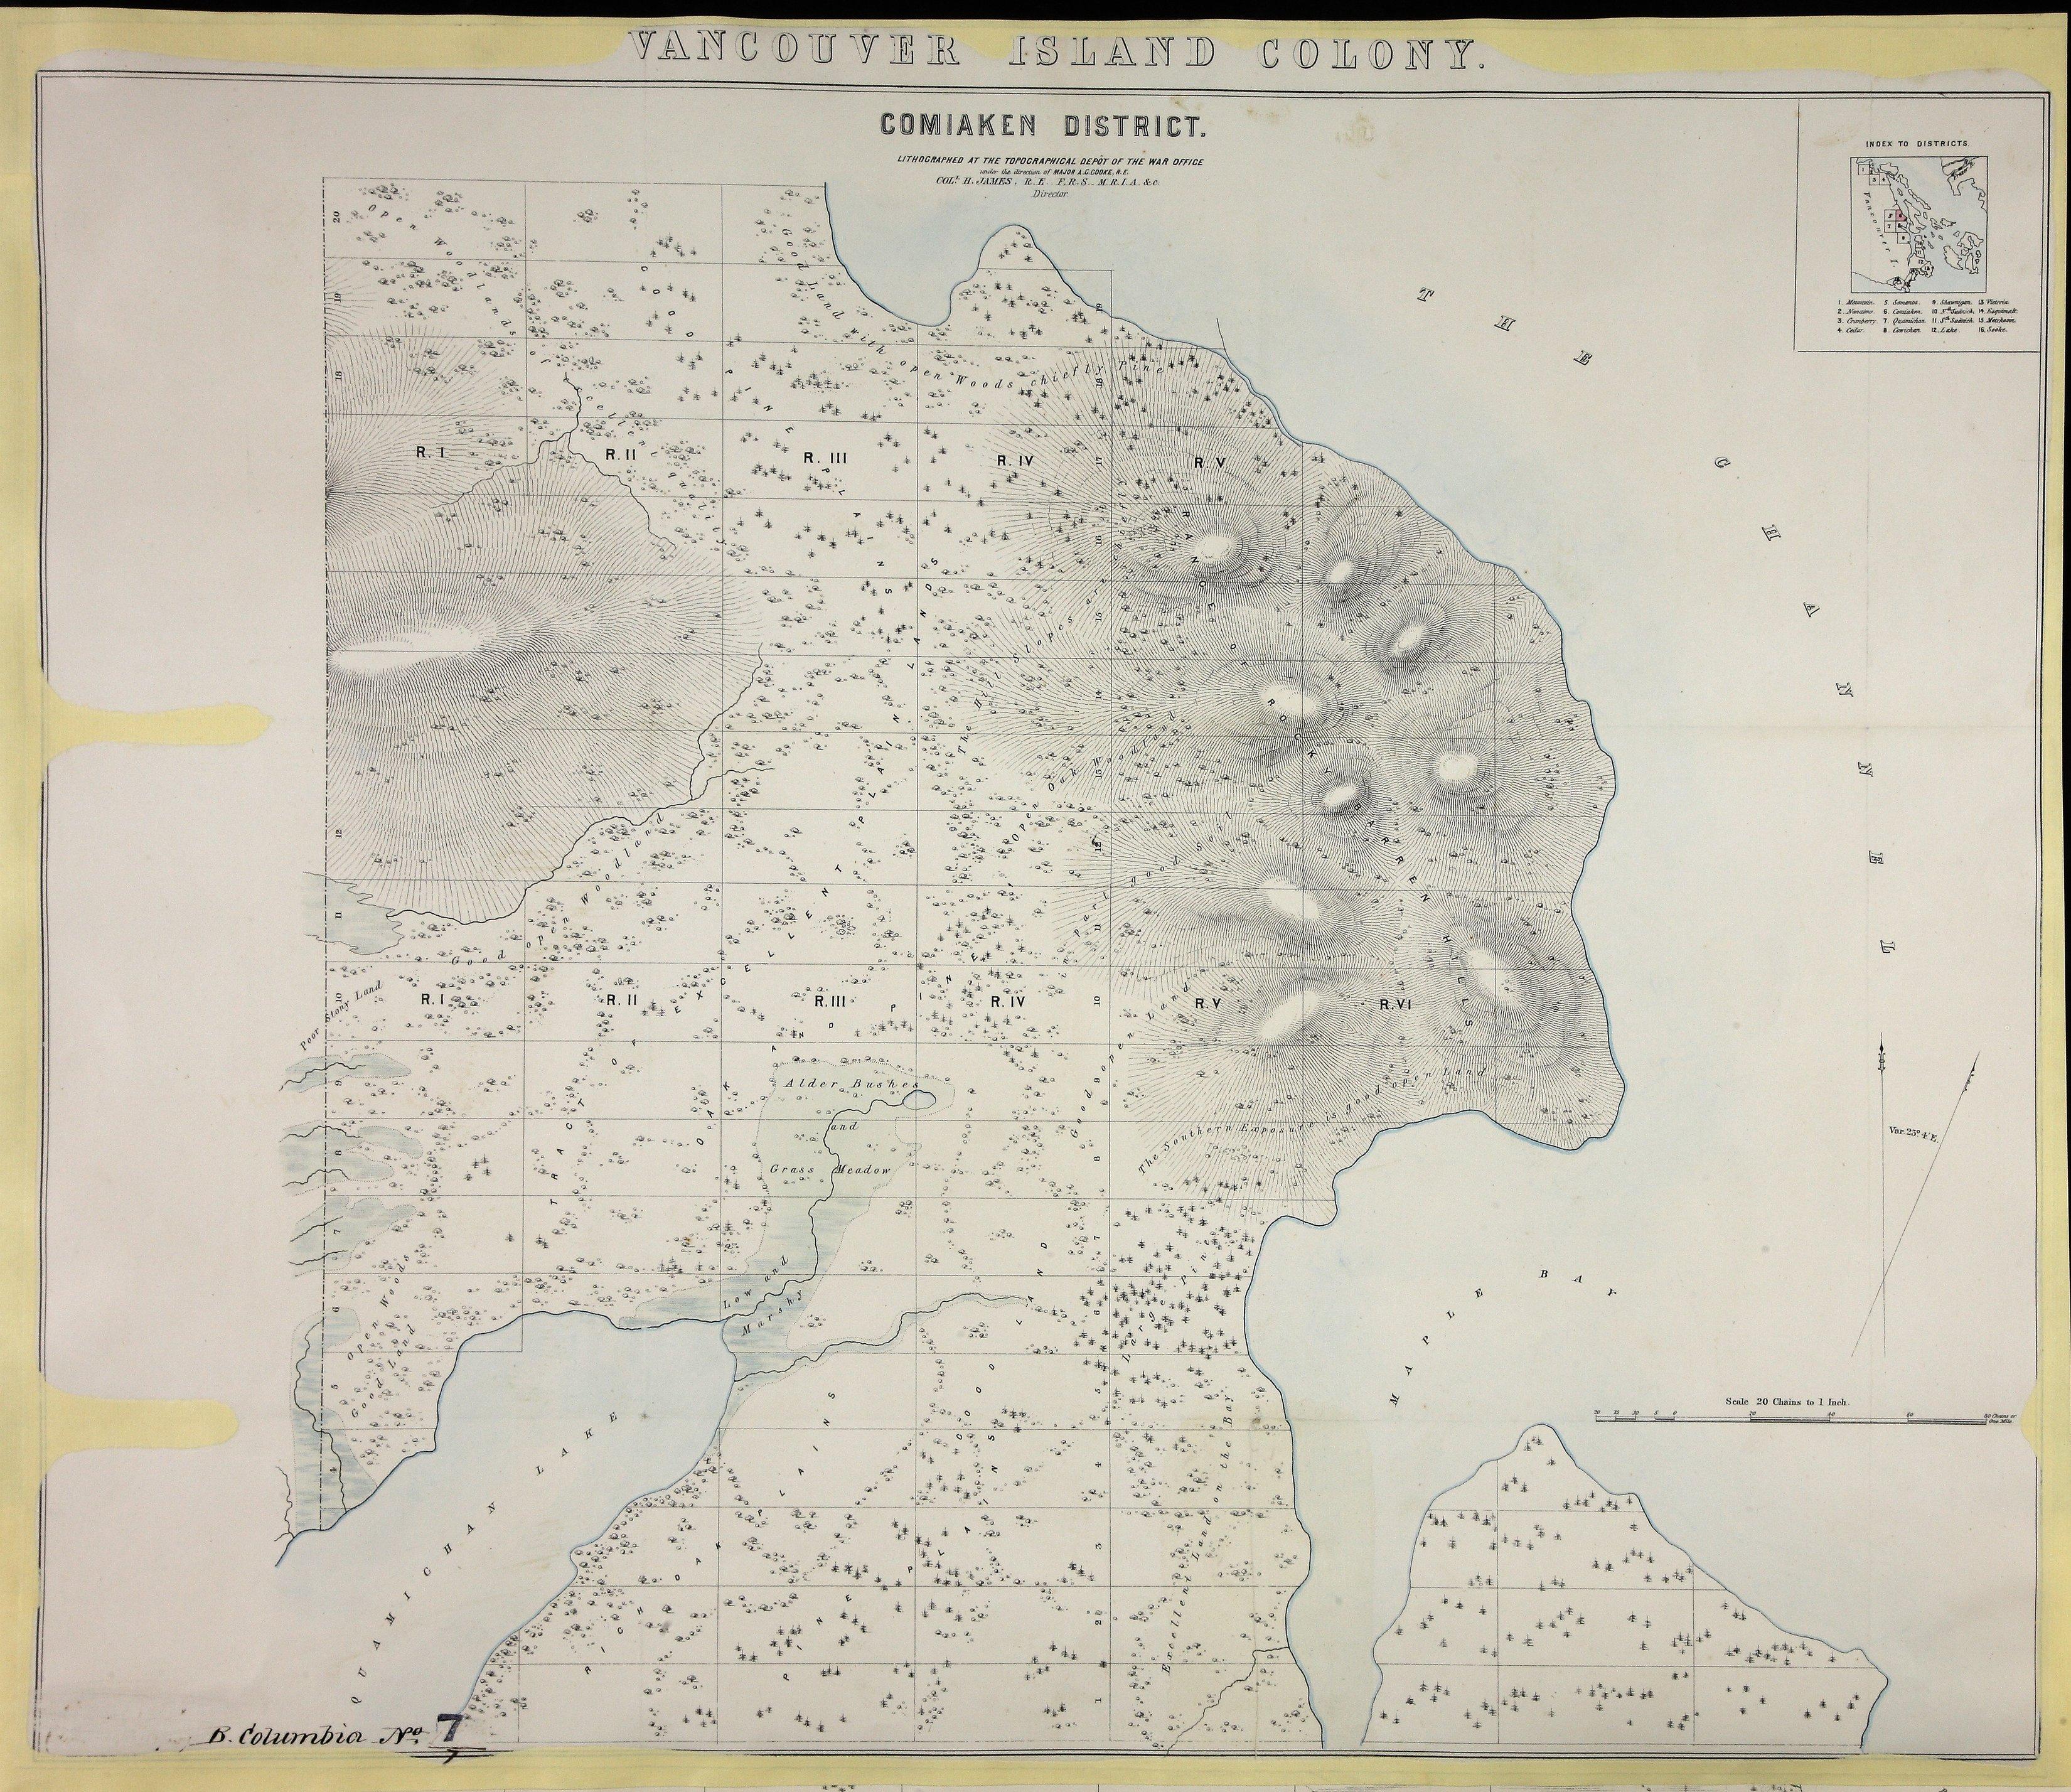 Comiaken District 1859.